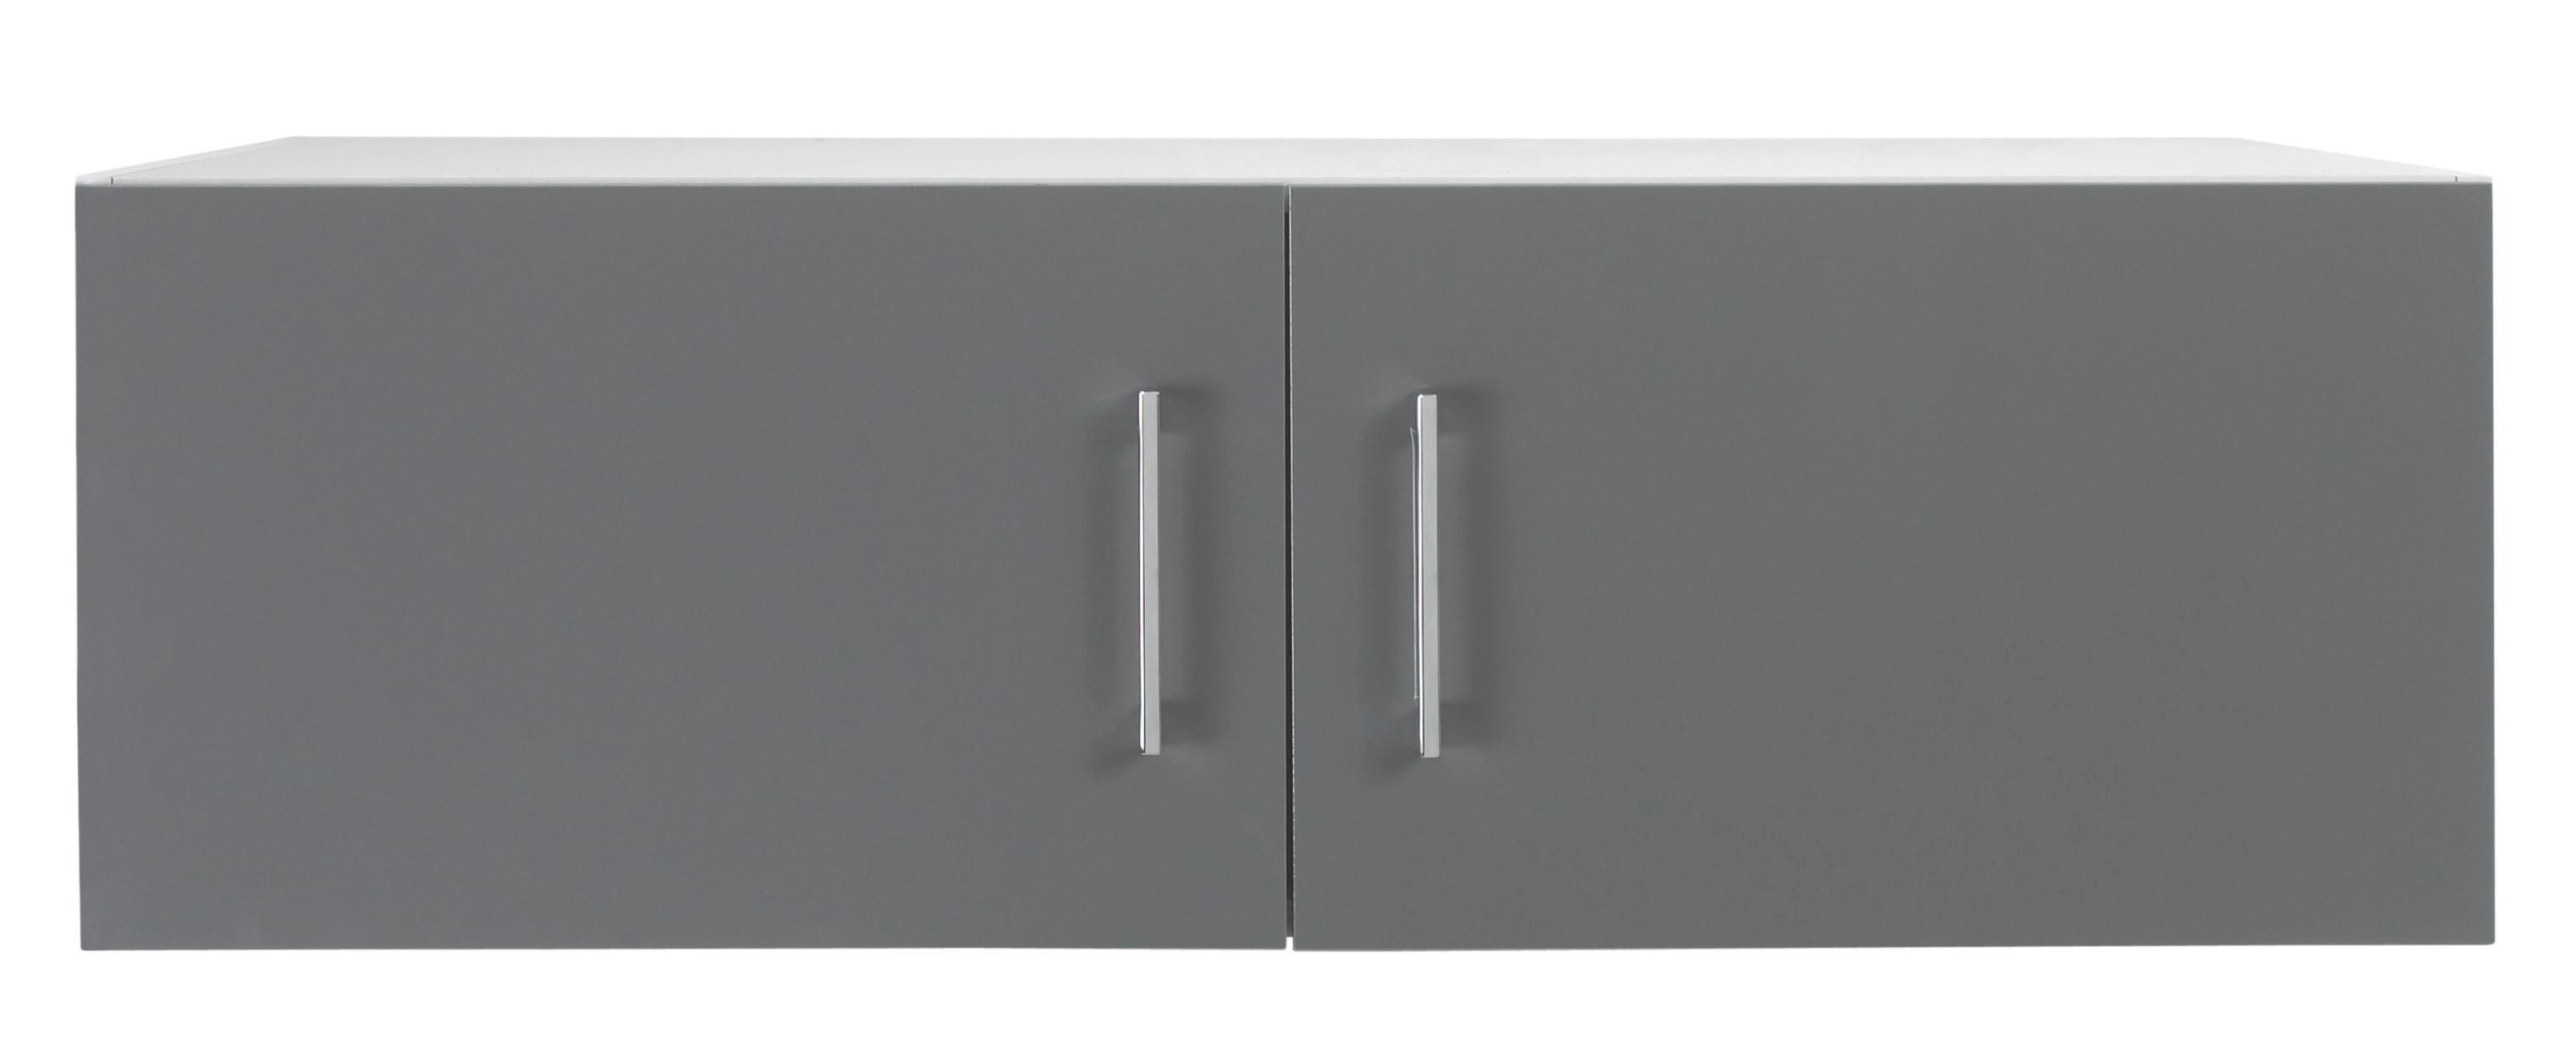 AUFSATZSCHRANK - Chromfarben/Weiß, Design, Holzwerkstoff/Metall (100/32/57cm) - WELNOVA